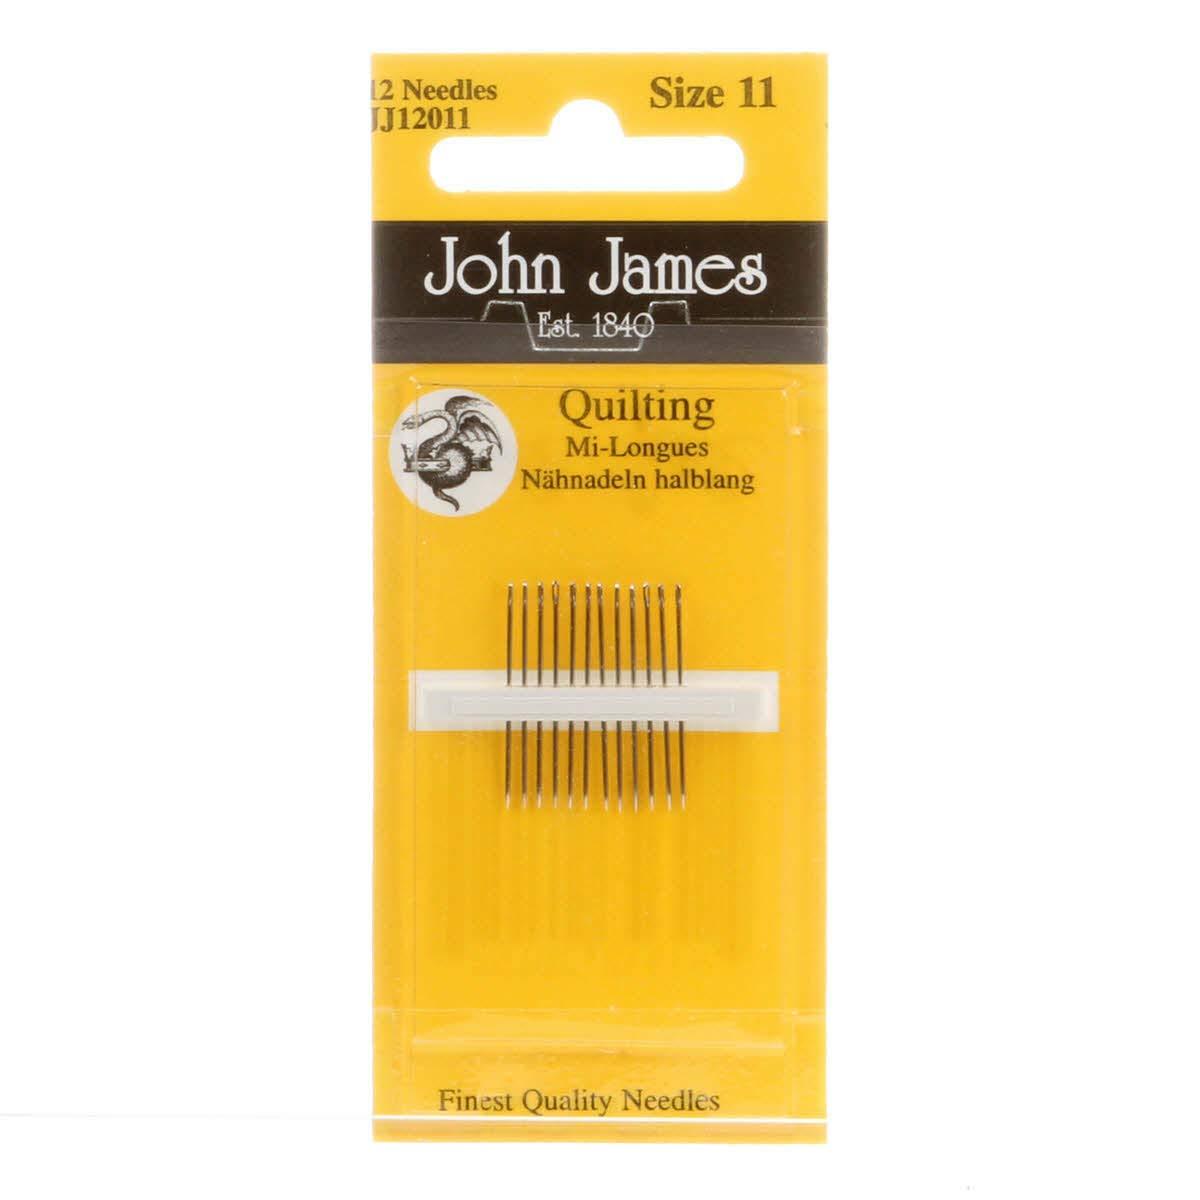 John James Quilting Between Needles Size 11 Pkg of 12